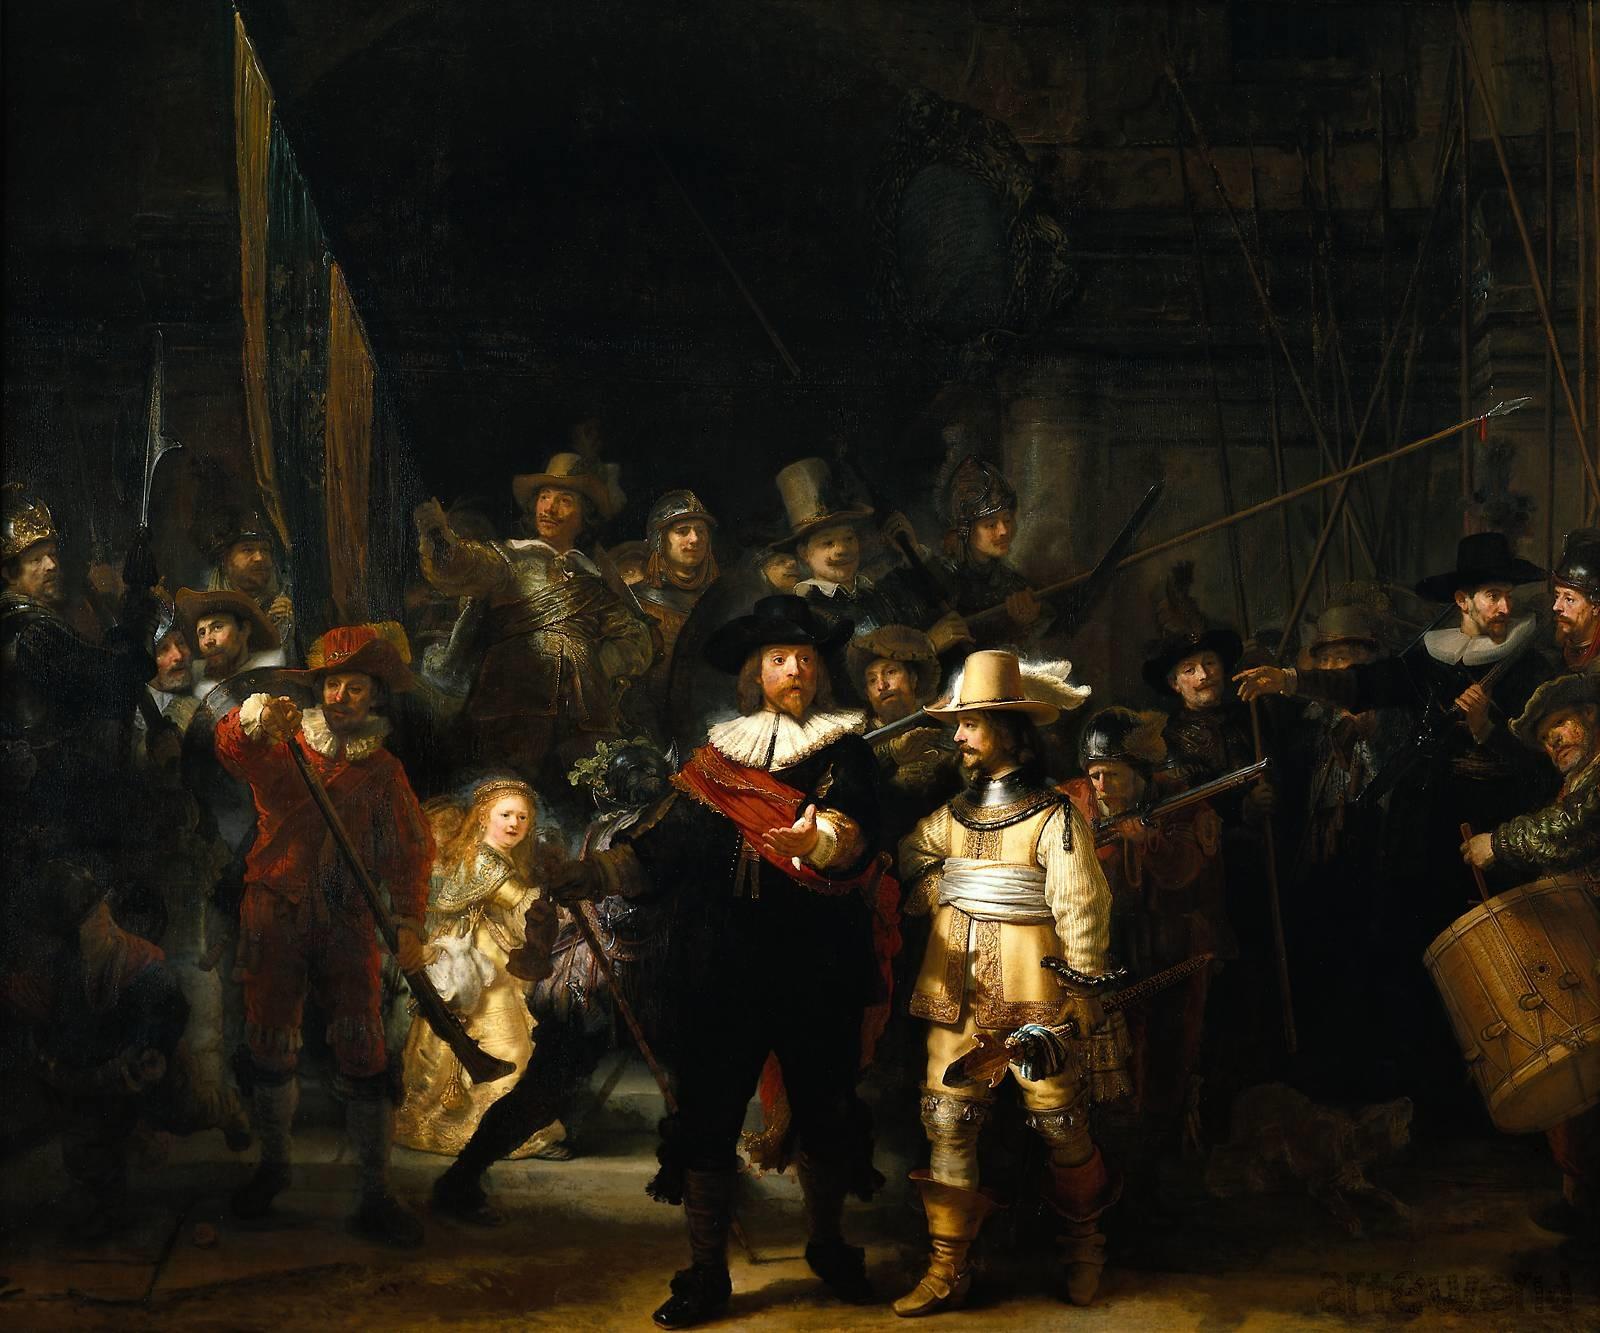 Cosa rende La Ronda di Notte di Rembrandt un capolavoro?